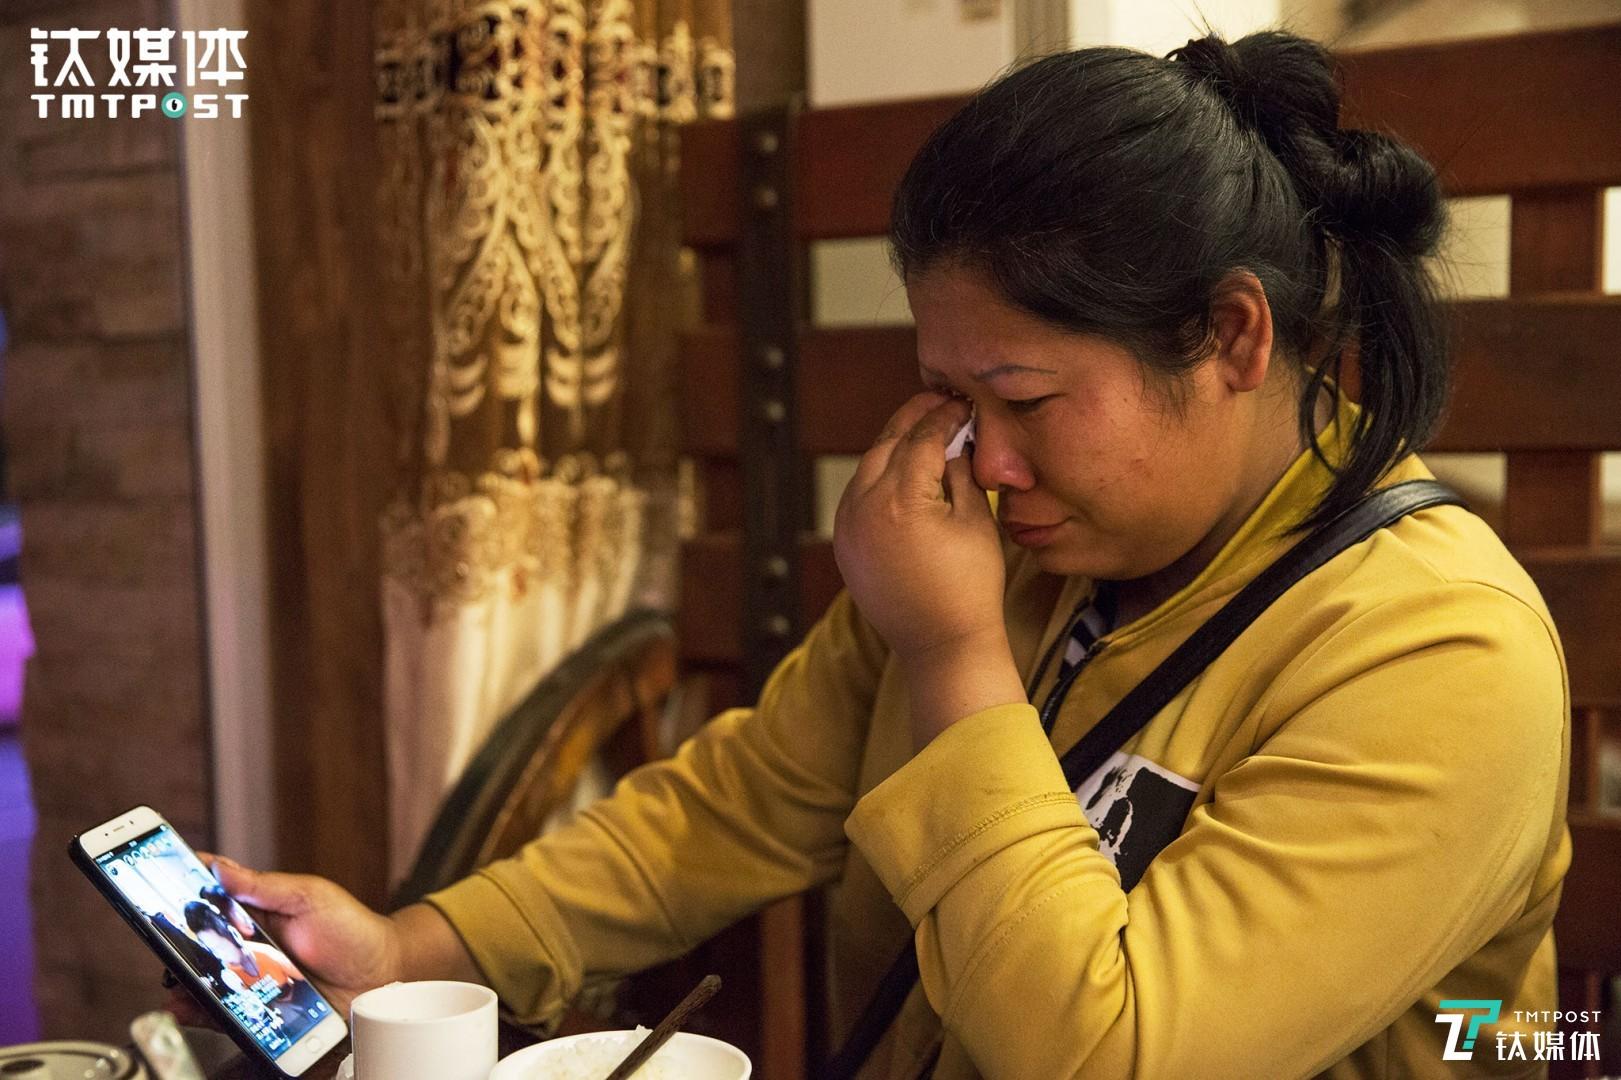 这趟出门,他们快两个月没见到孩子了。晚上吃饭时,11岁的儿子在手机上直播唱歌给妈妈听,王静看到孩子,忍不住掉下眼泪。